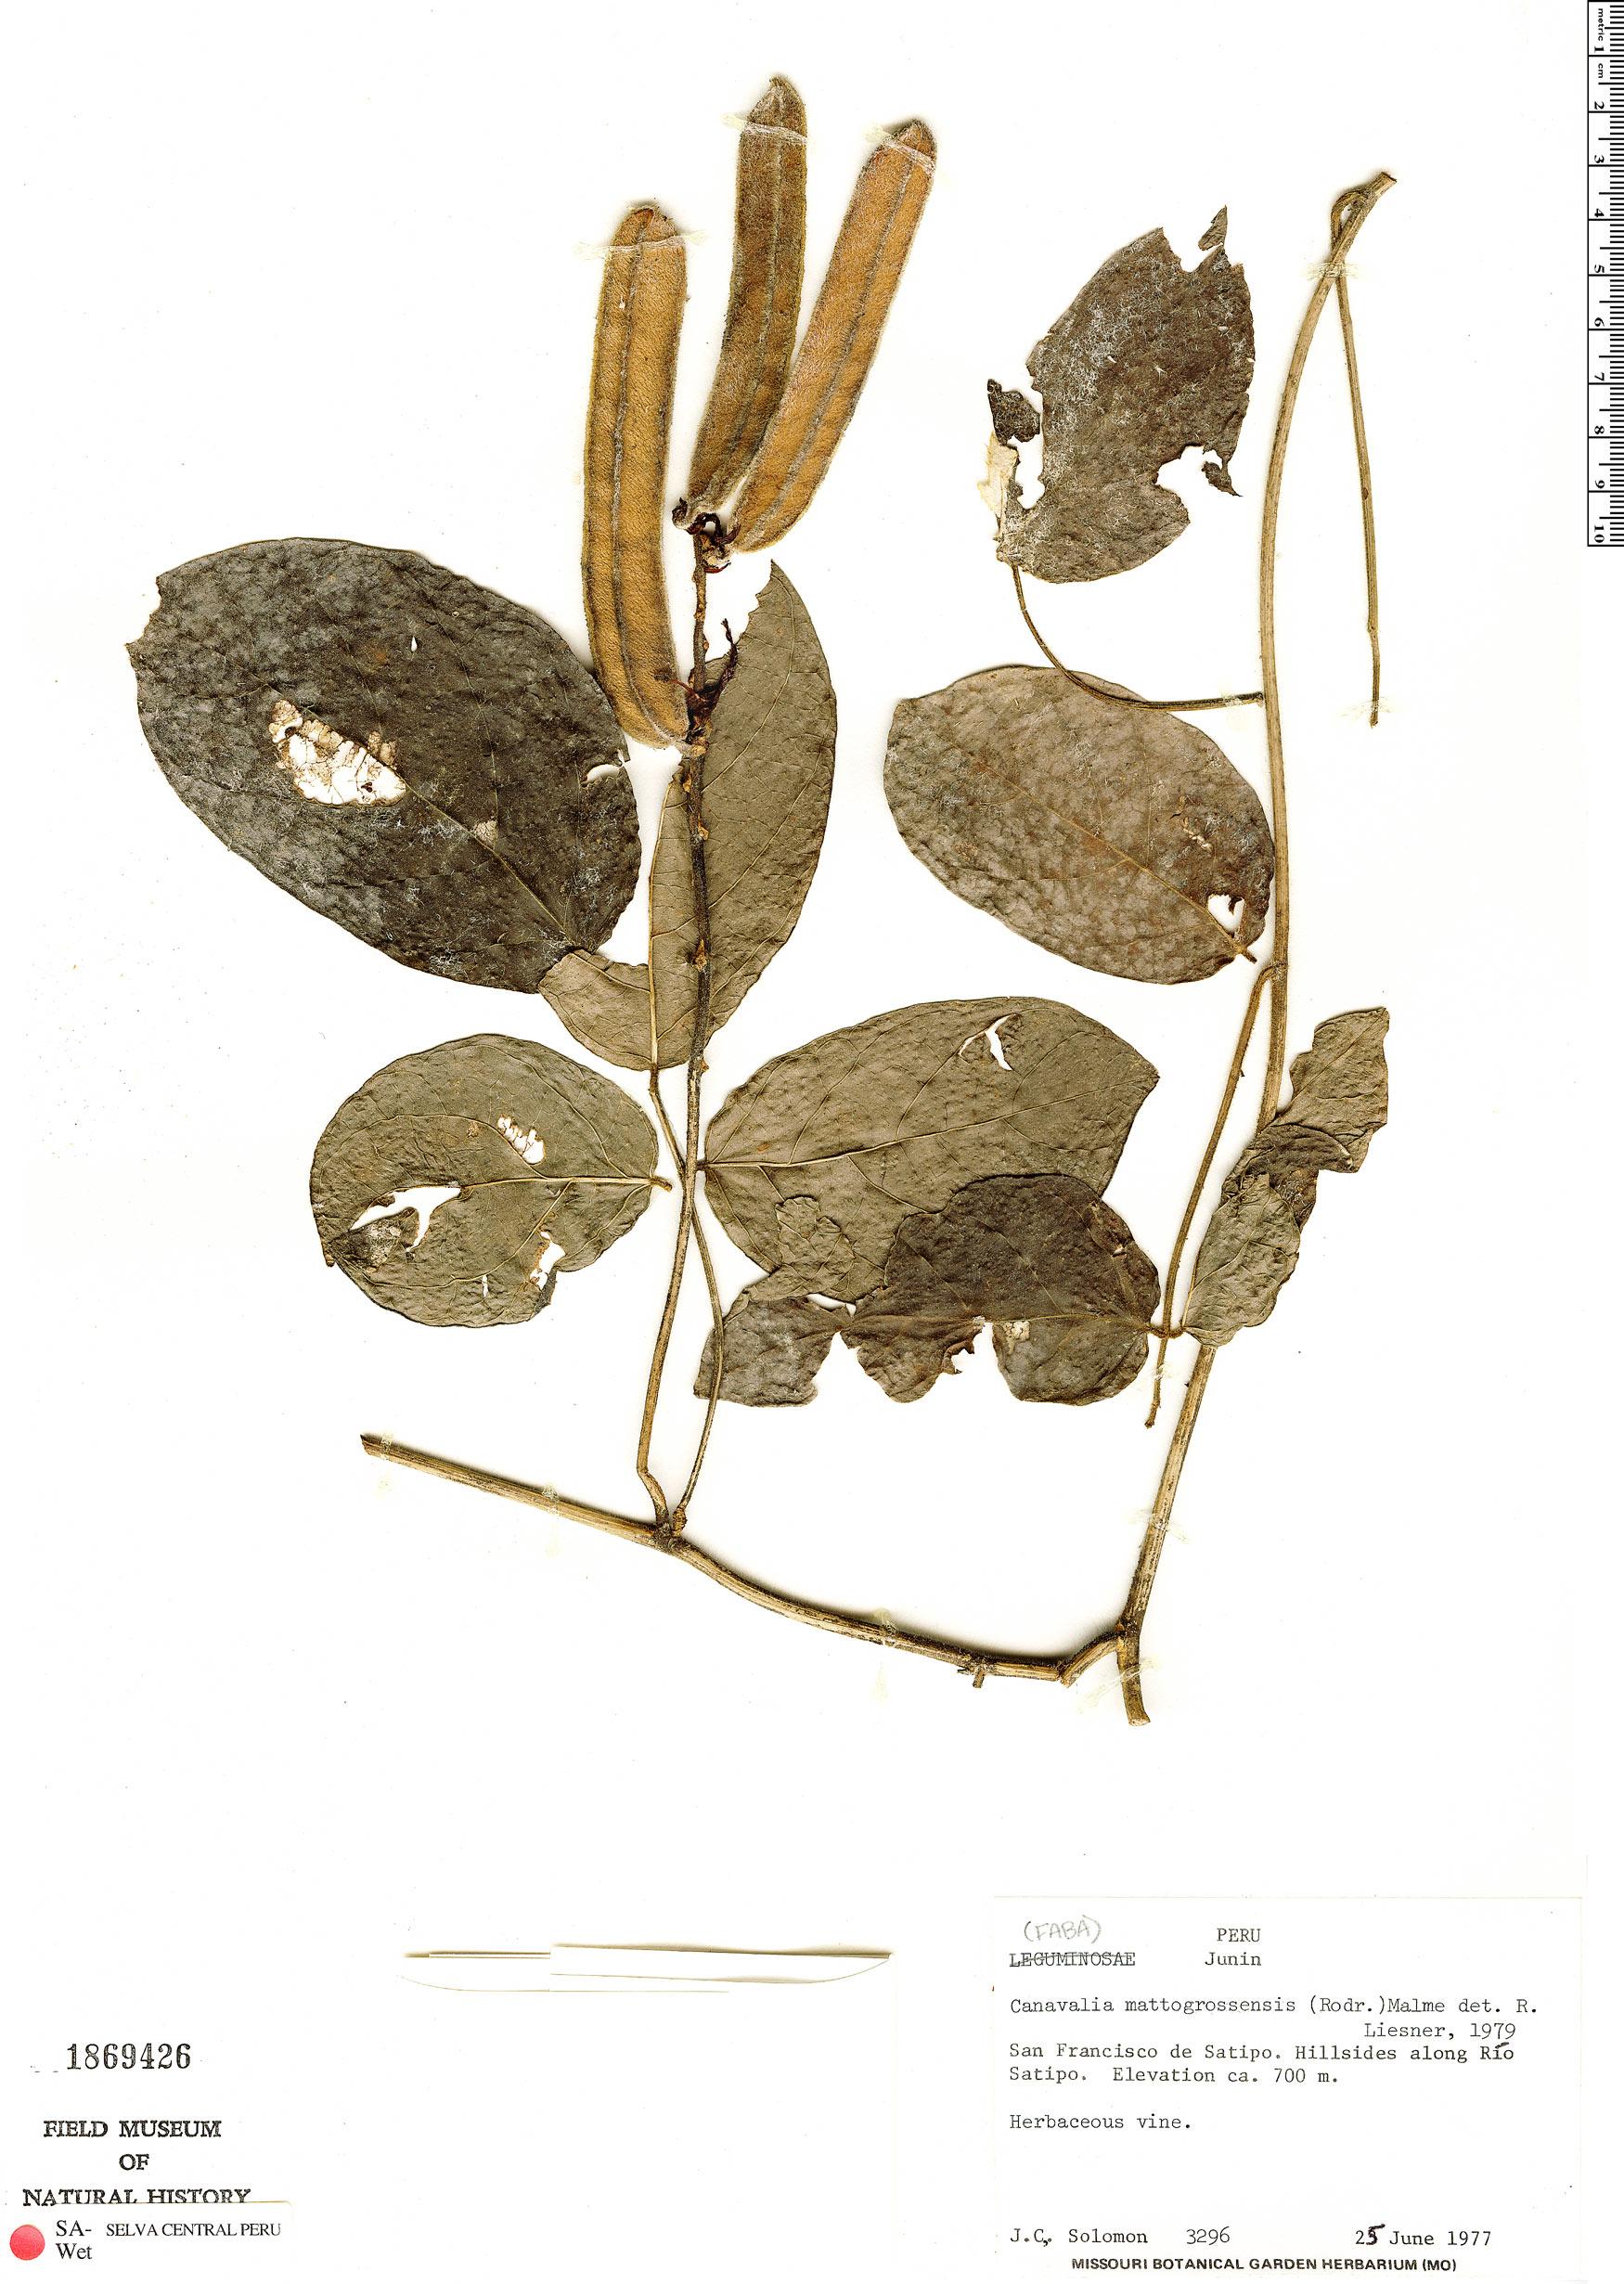 Specimen: Canavalia mattogrossensis